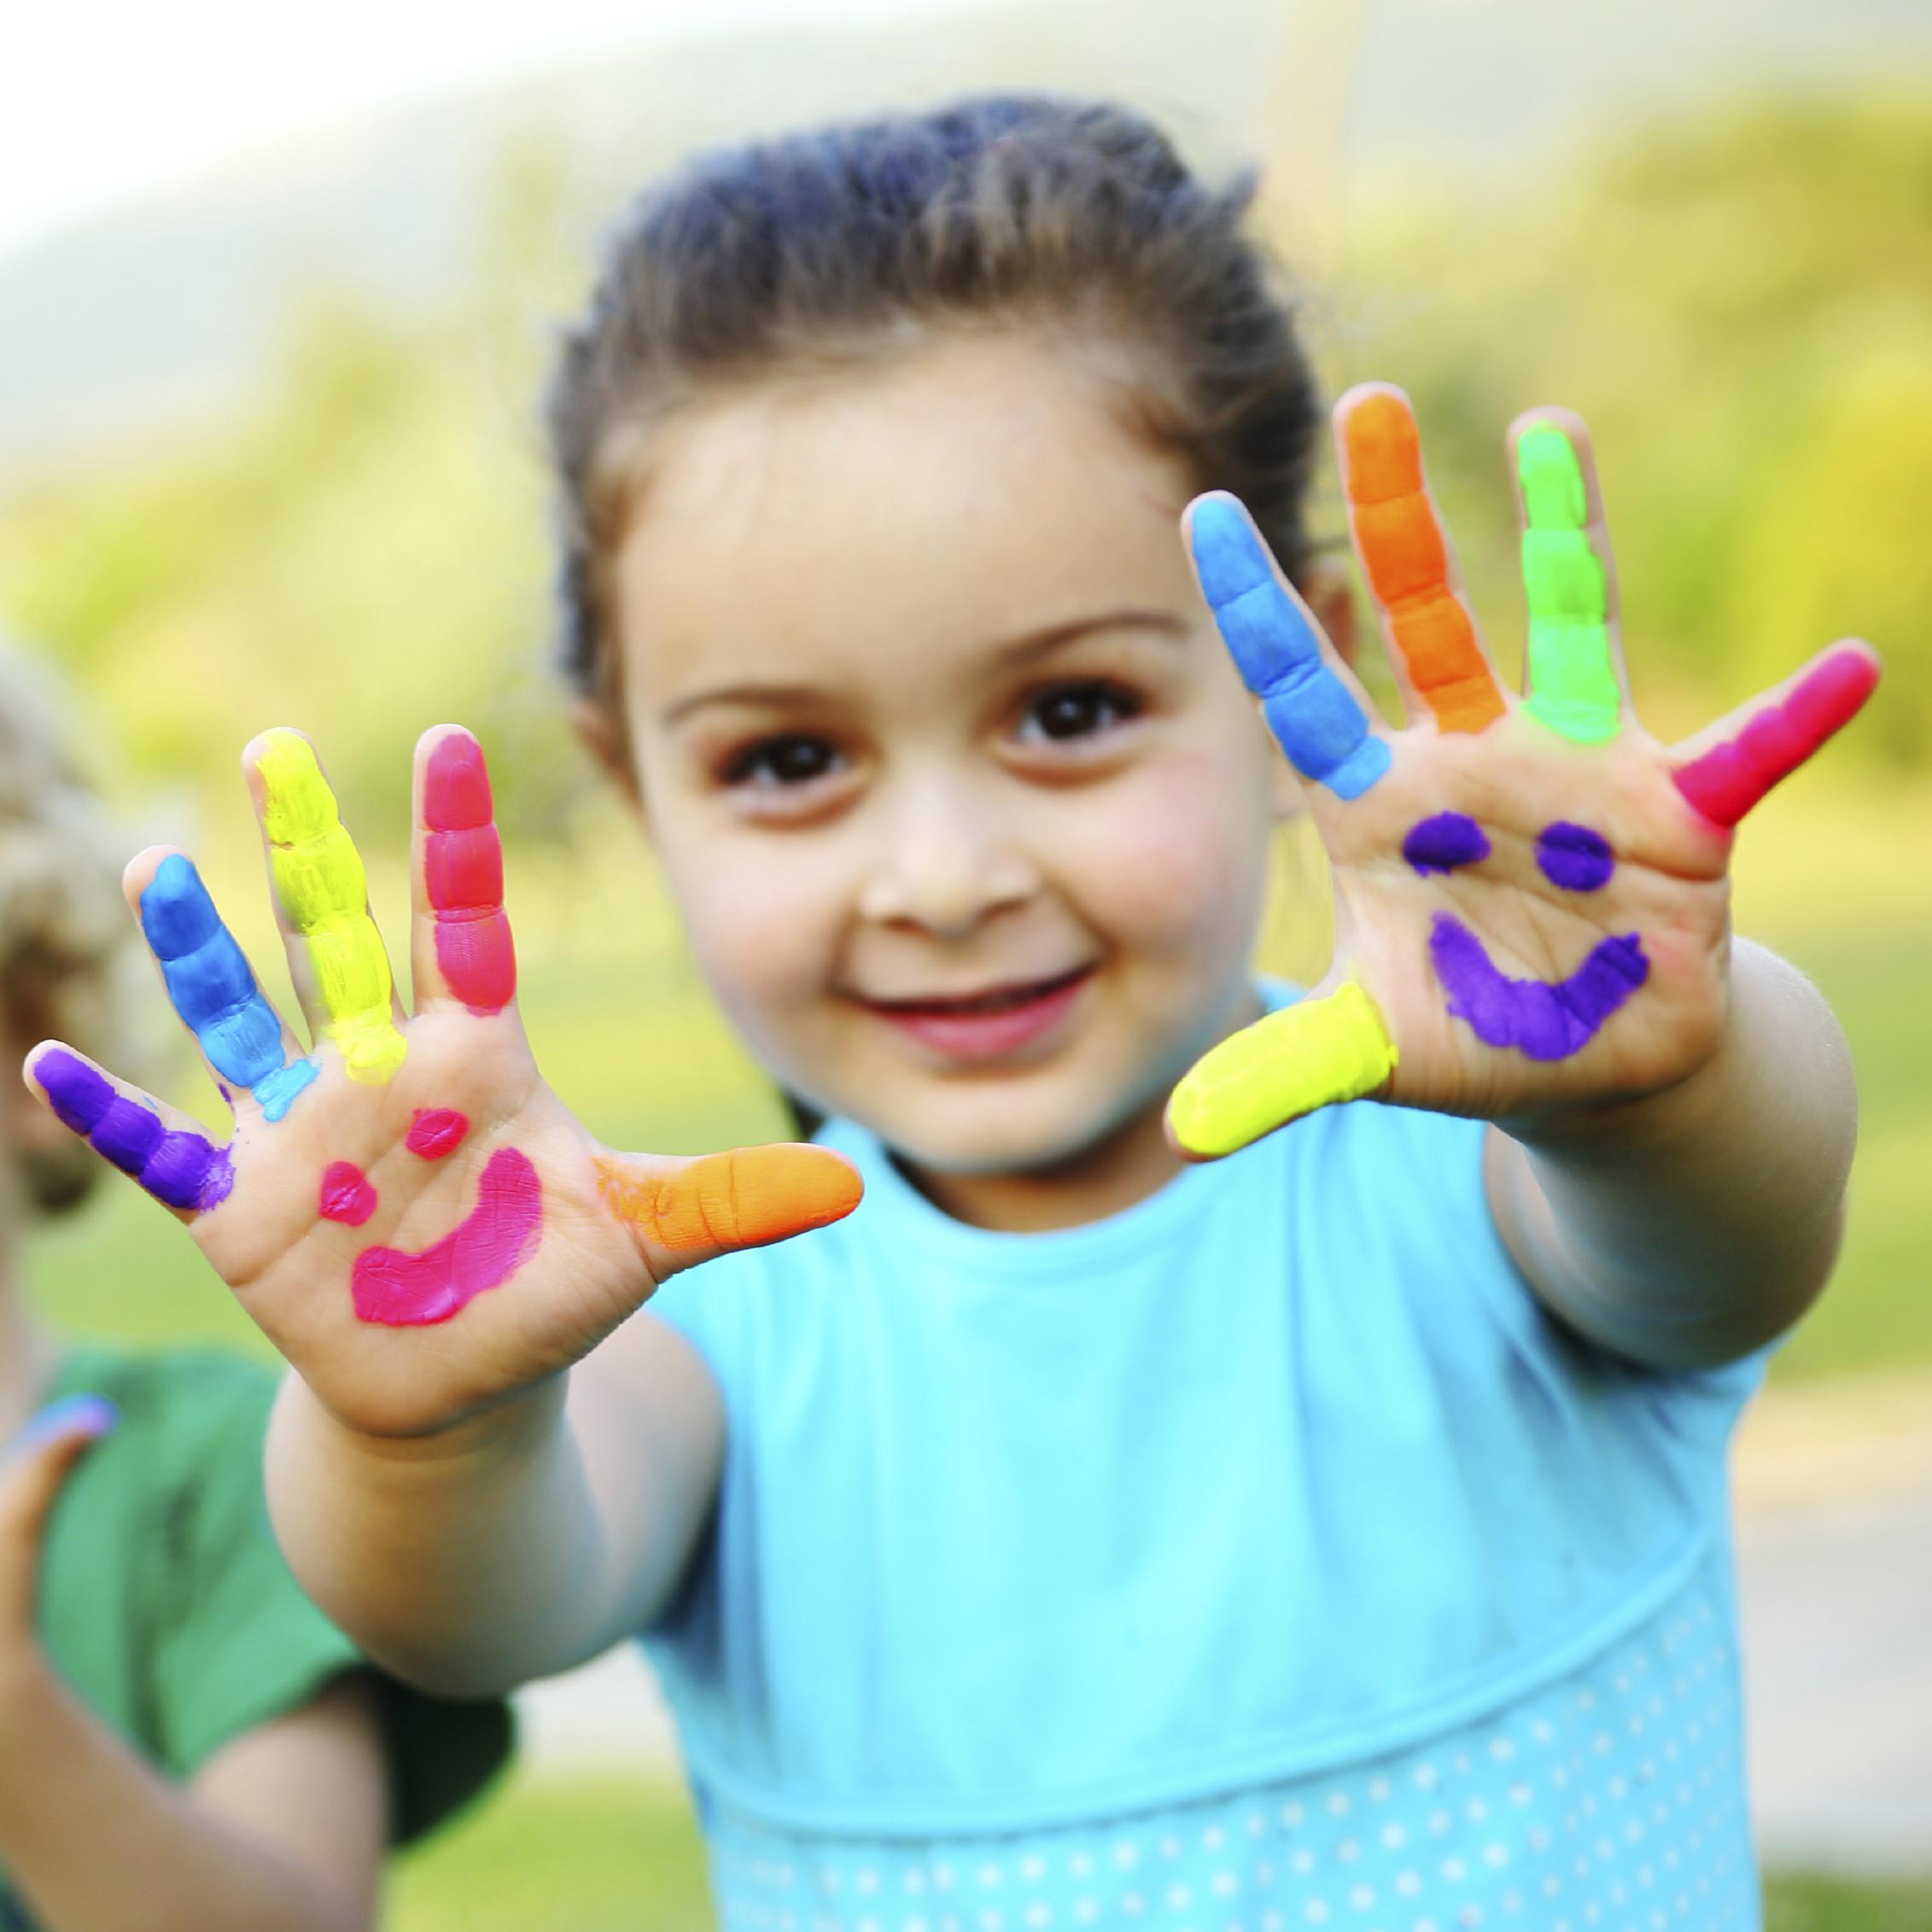 finger-painting-child-little-girl